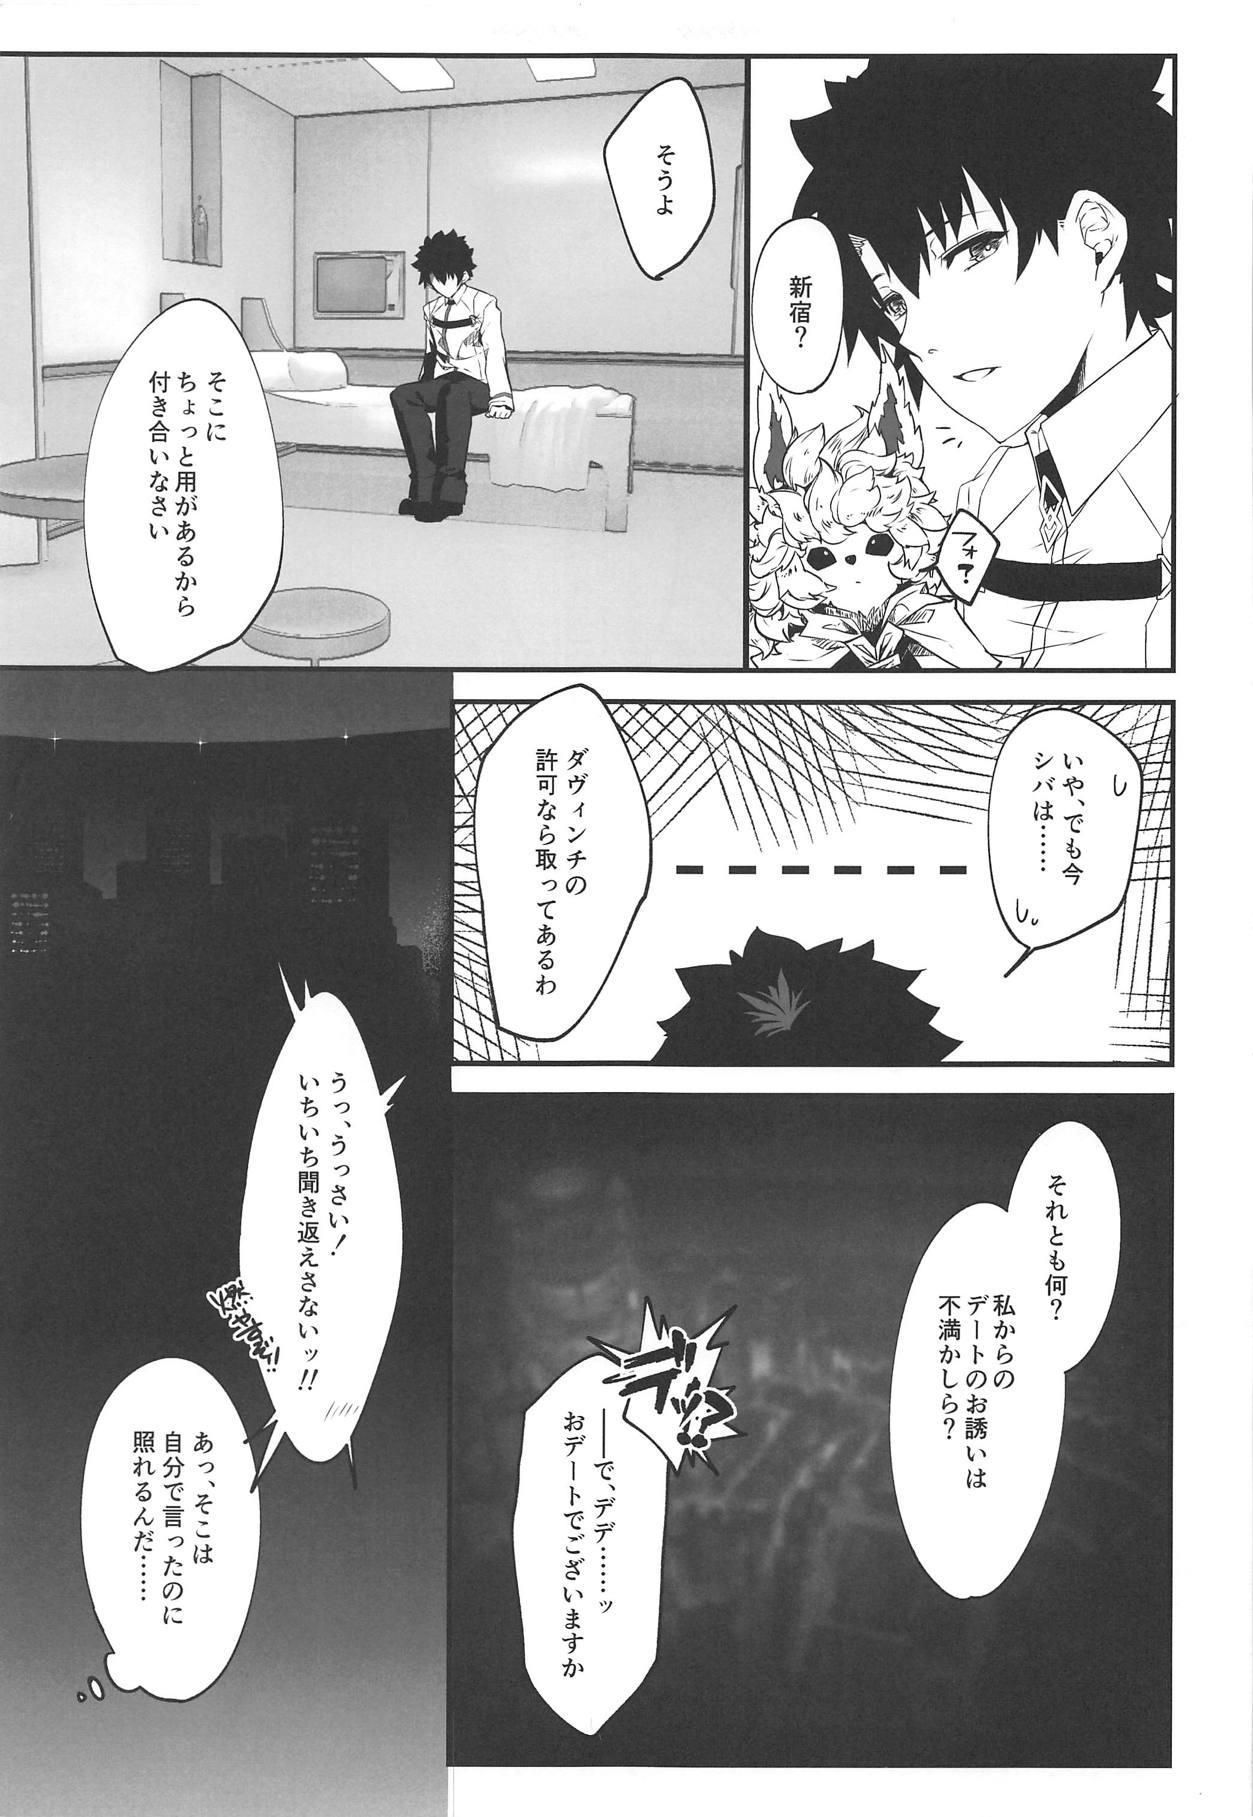 Seijo no Neyagoto 3